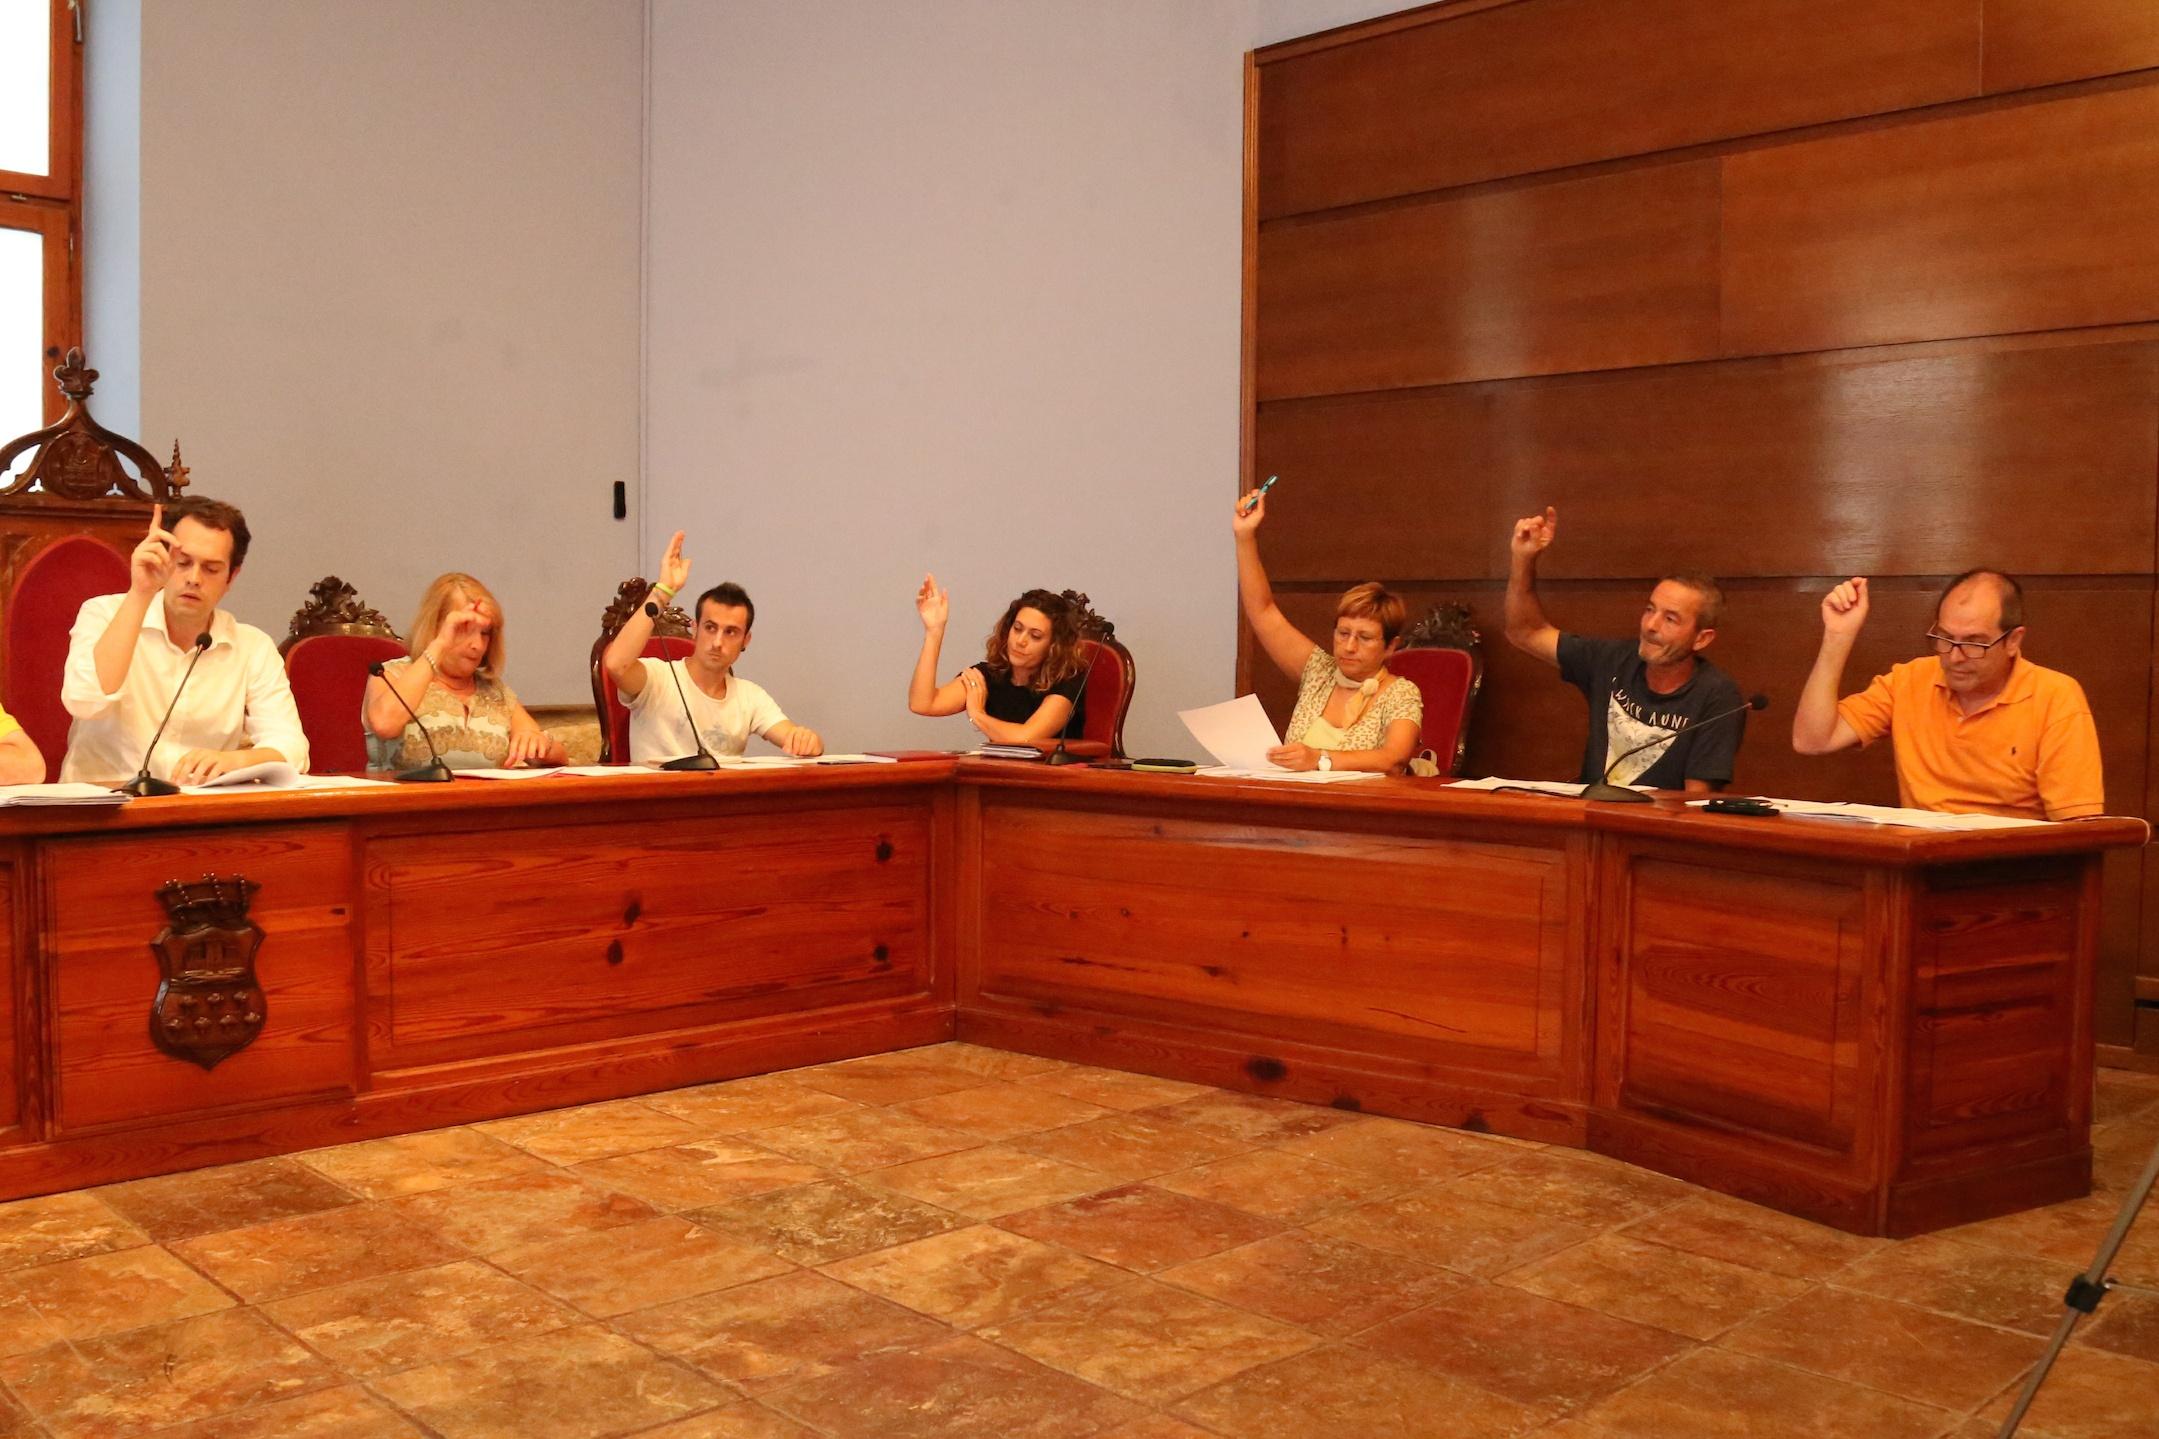 Equipo de gobierno en una última sesión plenaria del Ayuntamiento de Cheste.